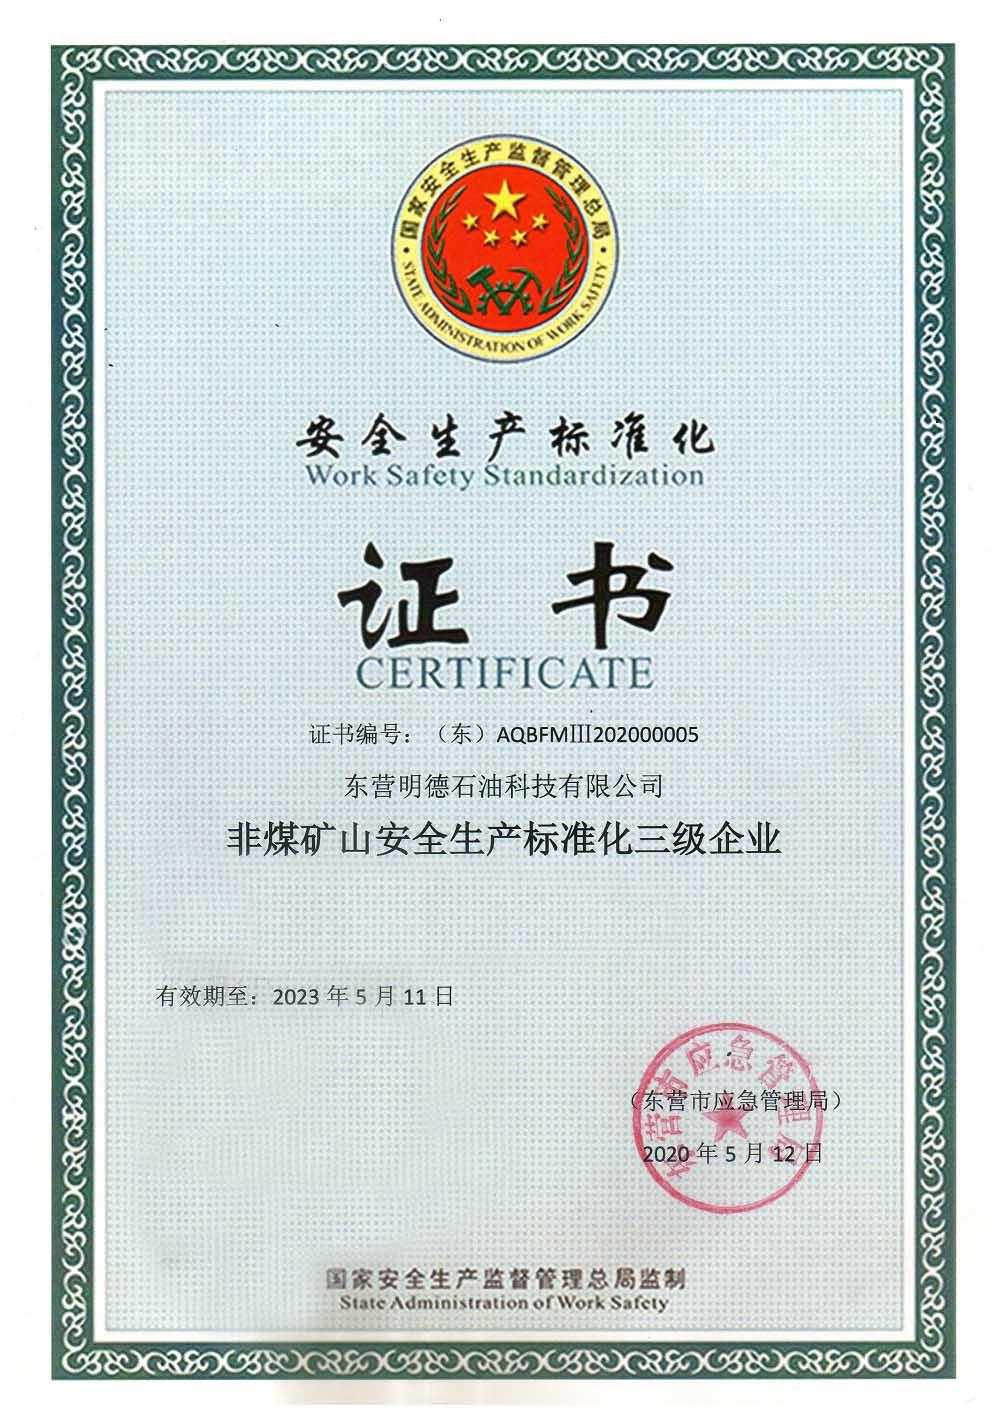 东营明德石油科技有限公司安全标准化证书